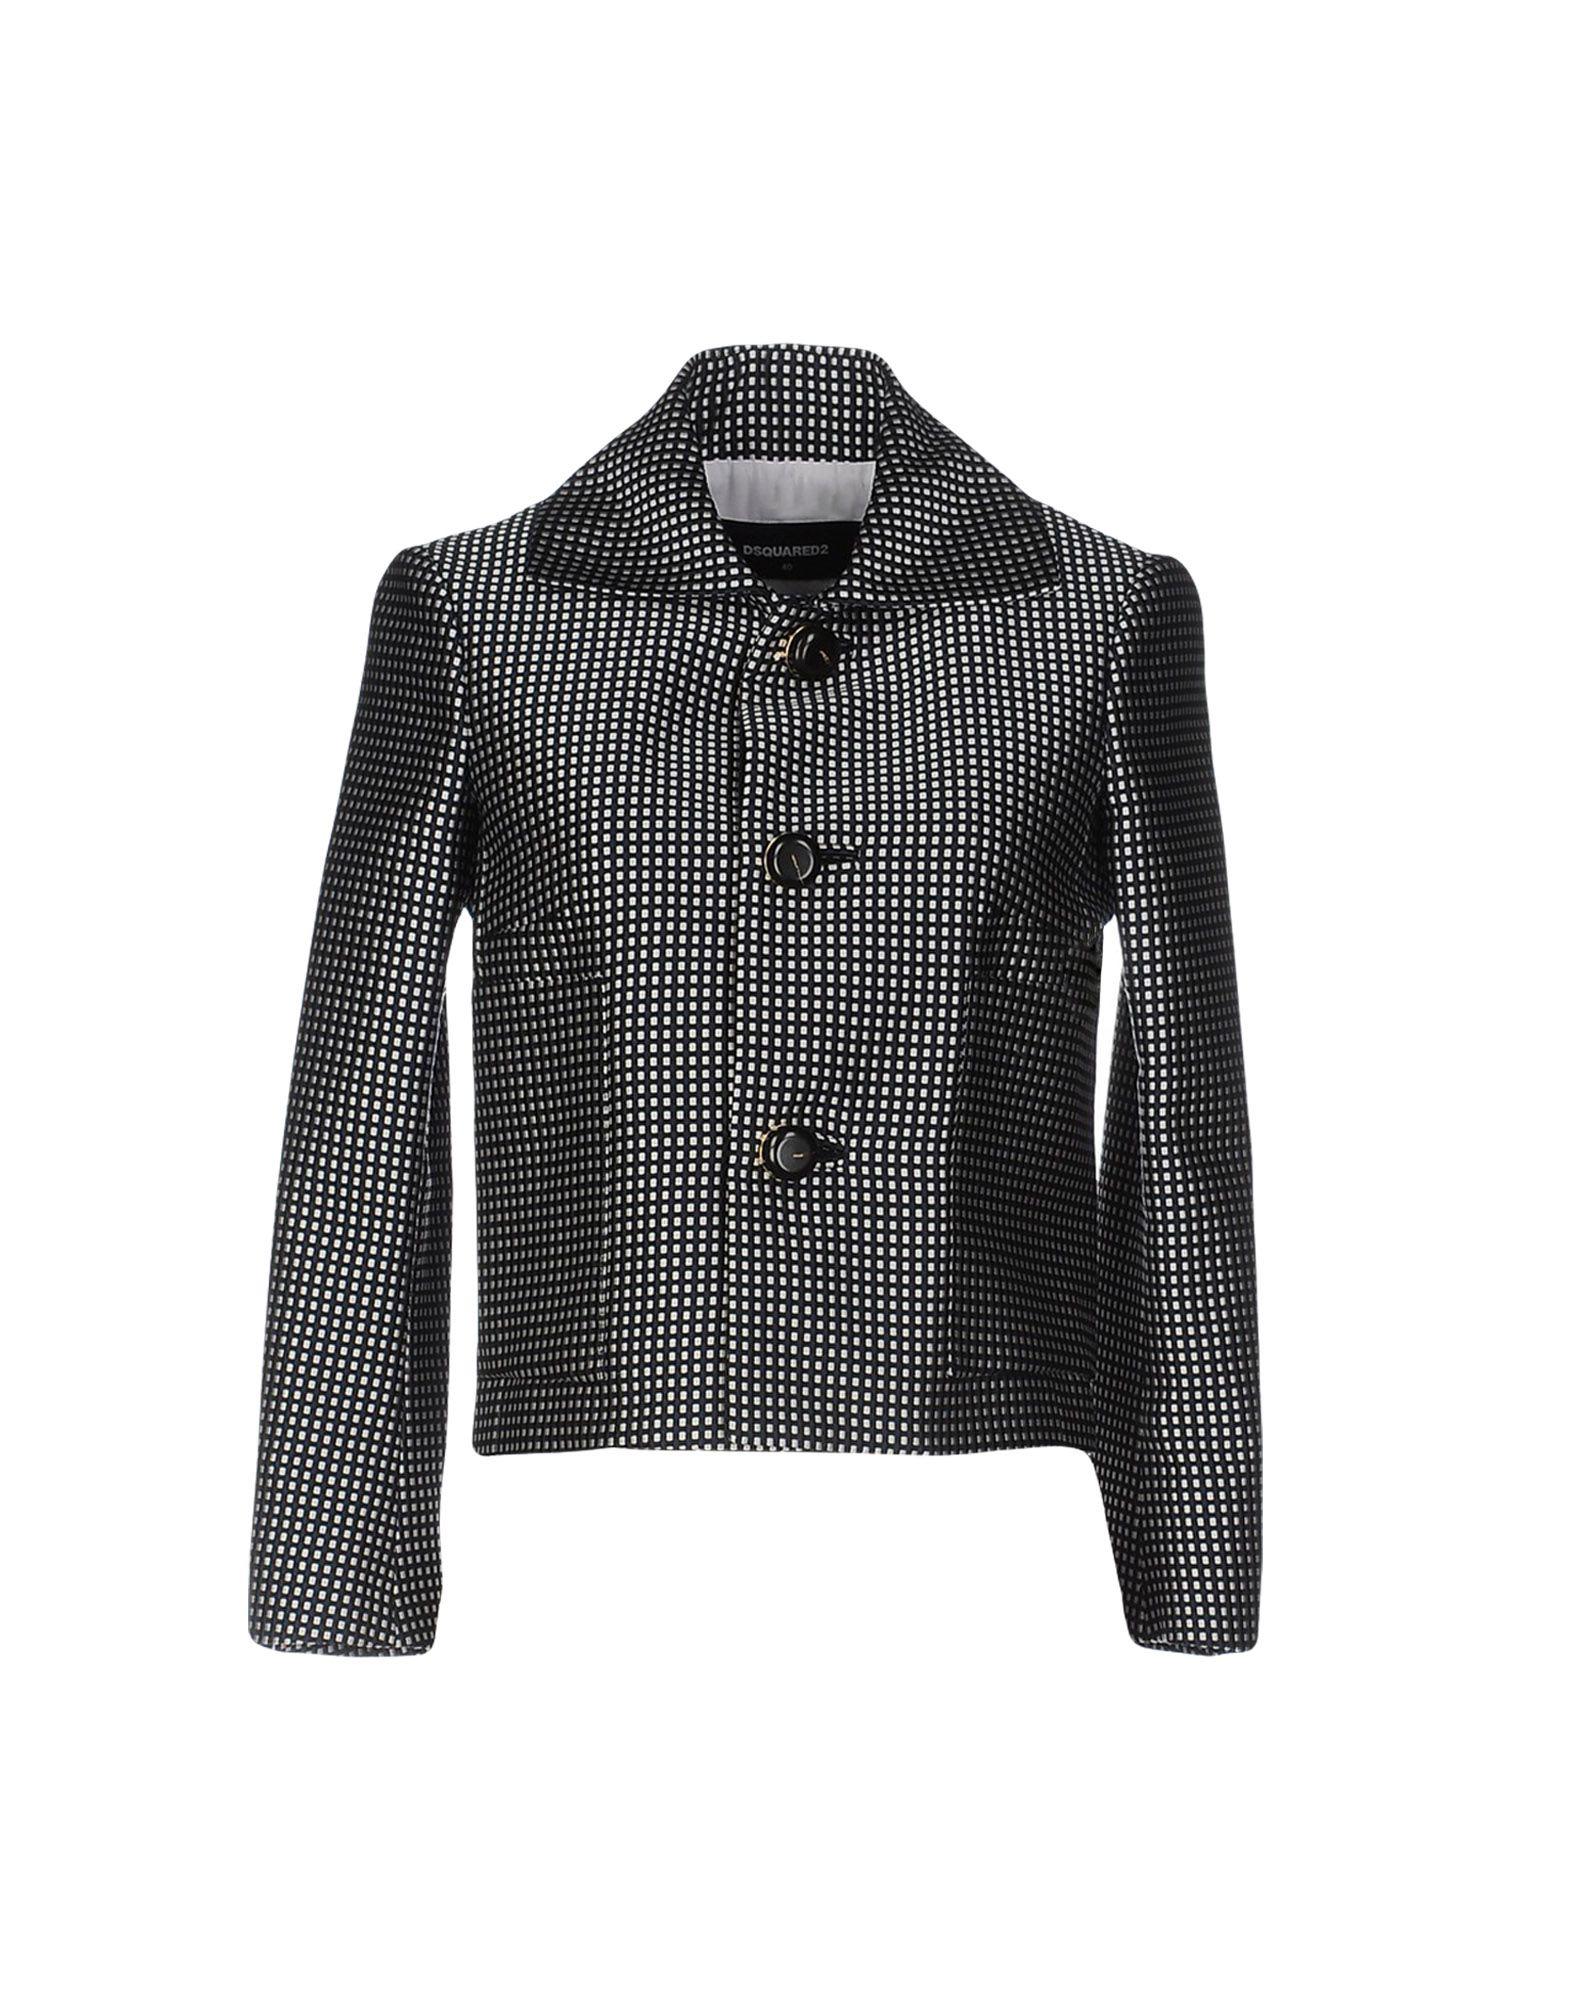 DSQUARED2 Damen Jackett Farbe Schwarz Größe 3 jetztbilligerkaufen